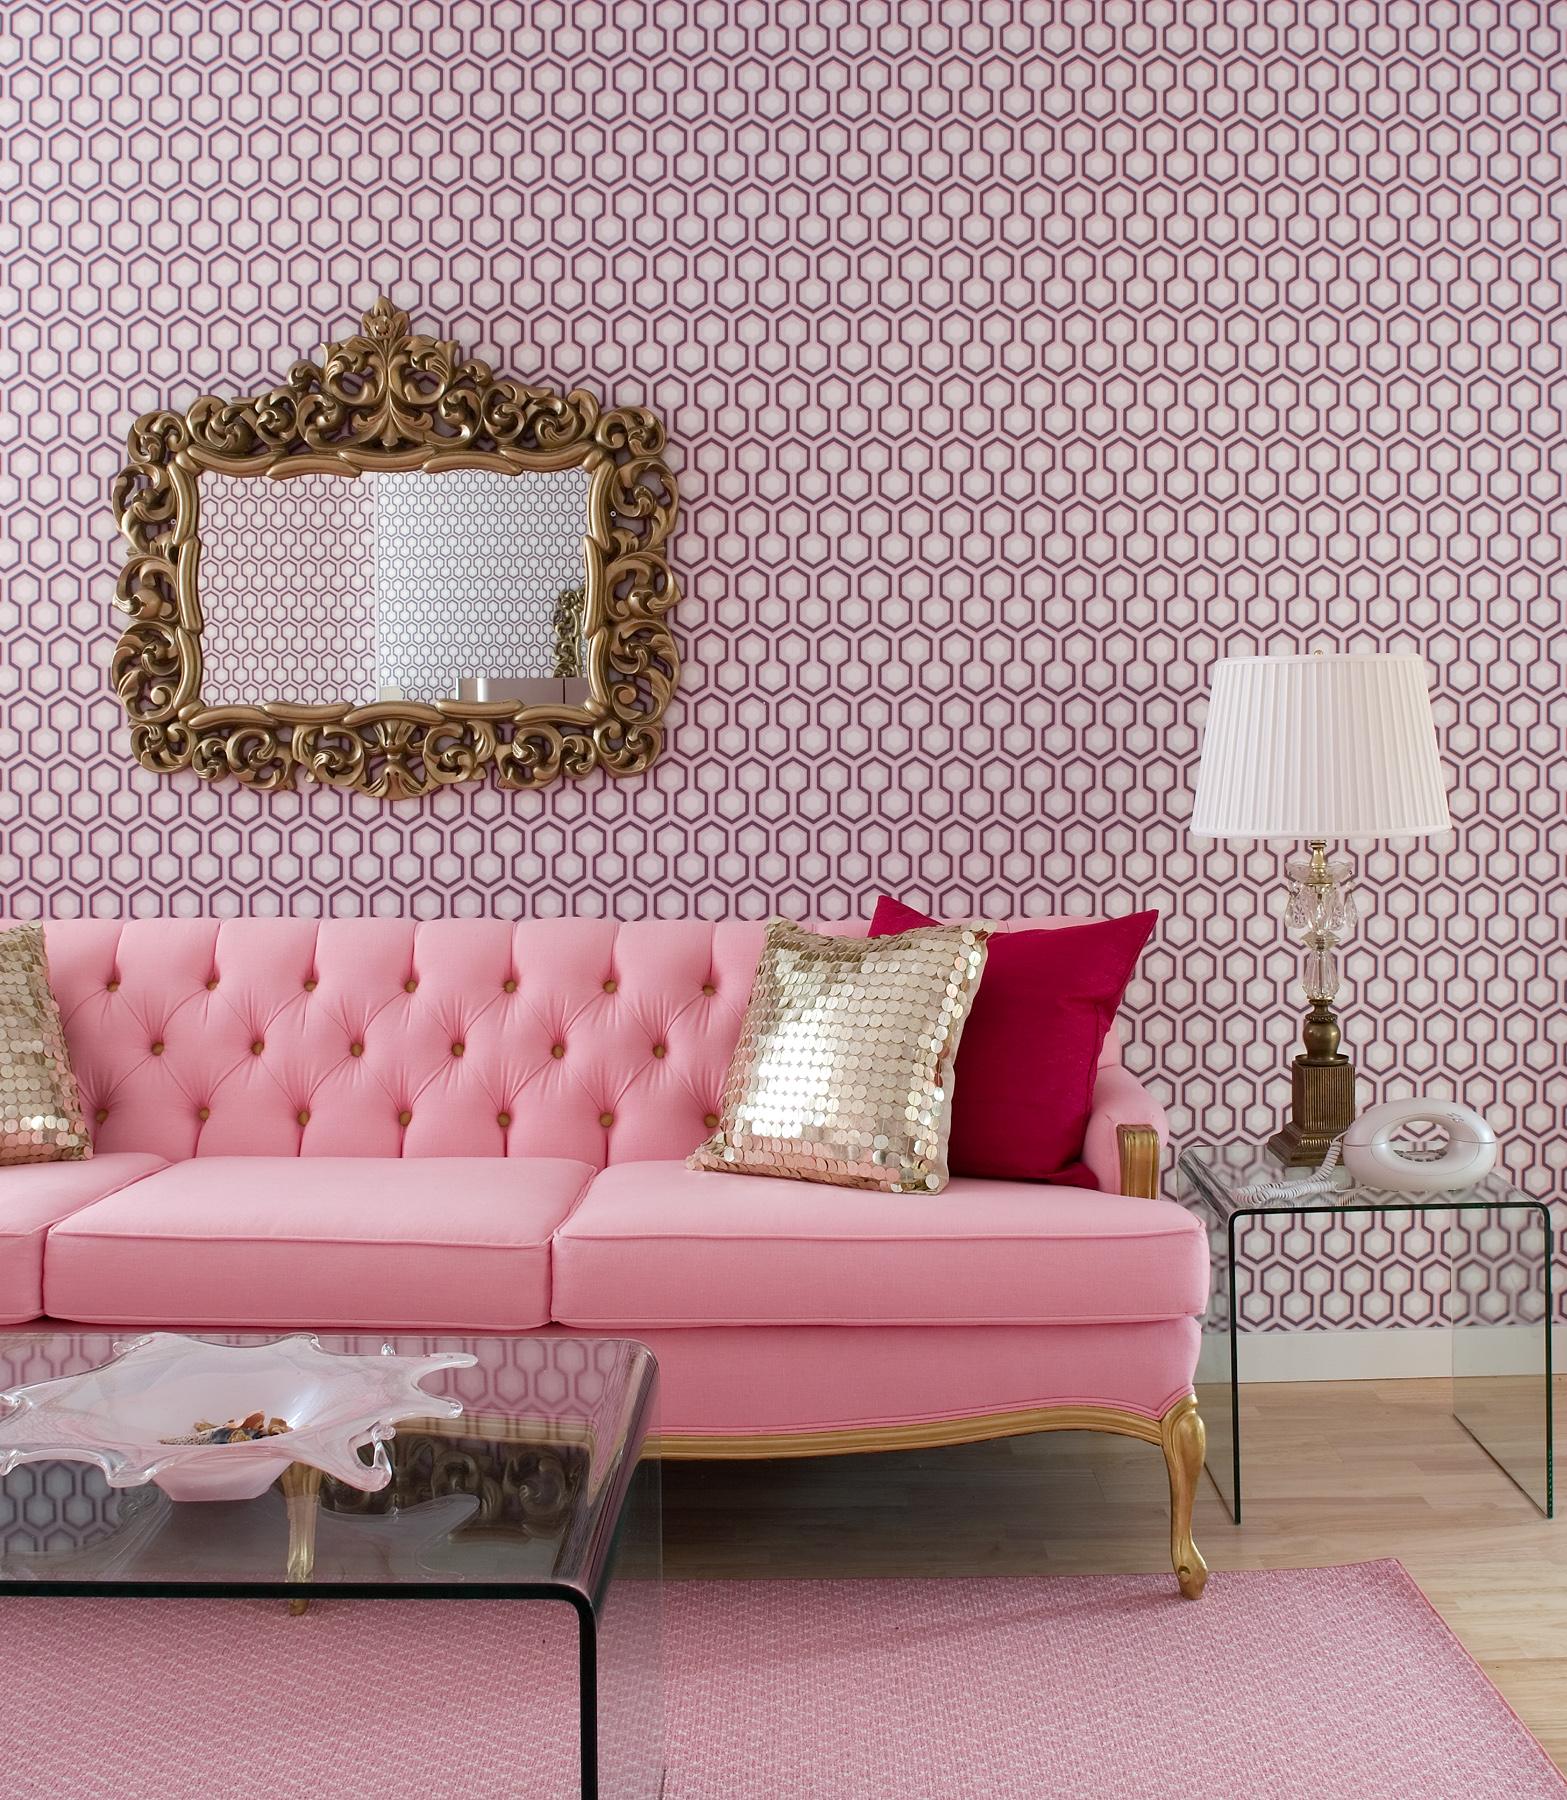 Основной колористический тренд сезона: интерьер гостиной и мебель в розовой палитре